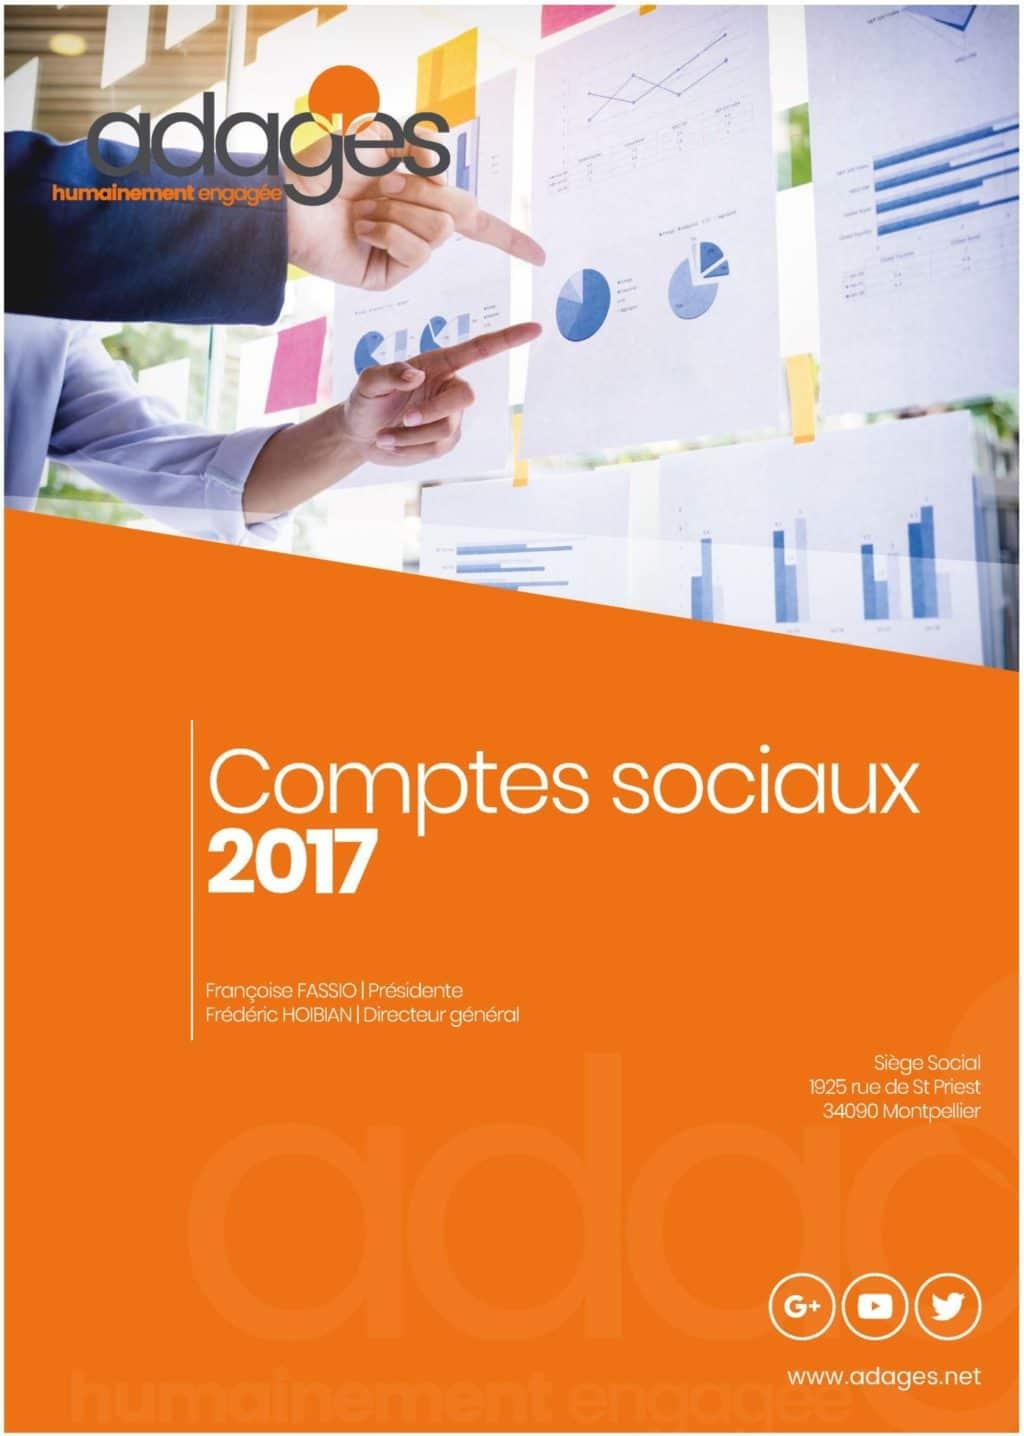 comptes sociaux 2017,association,montpellier,hérault,occitanie,